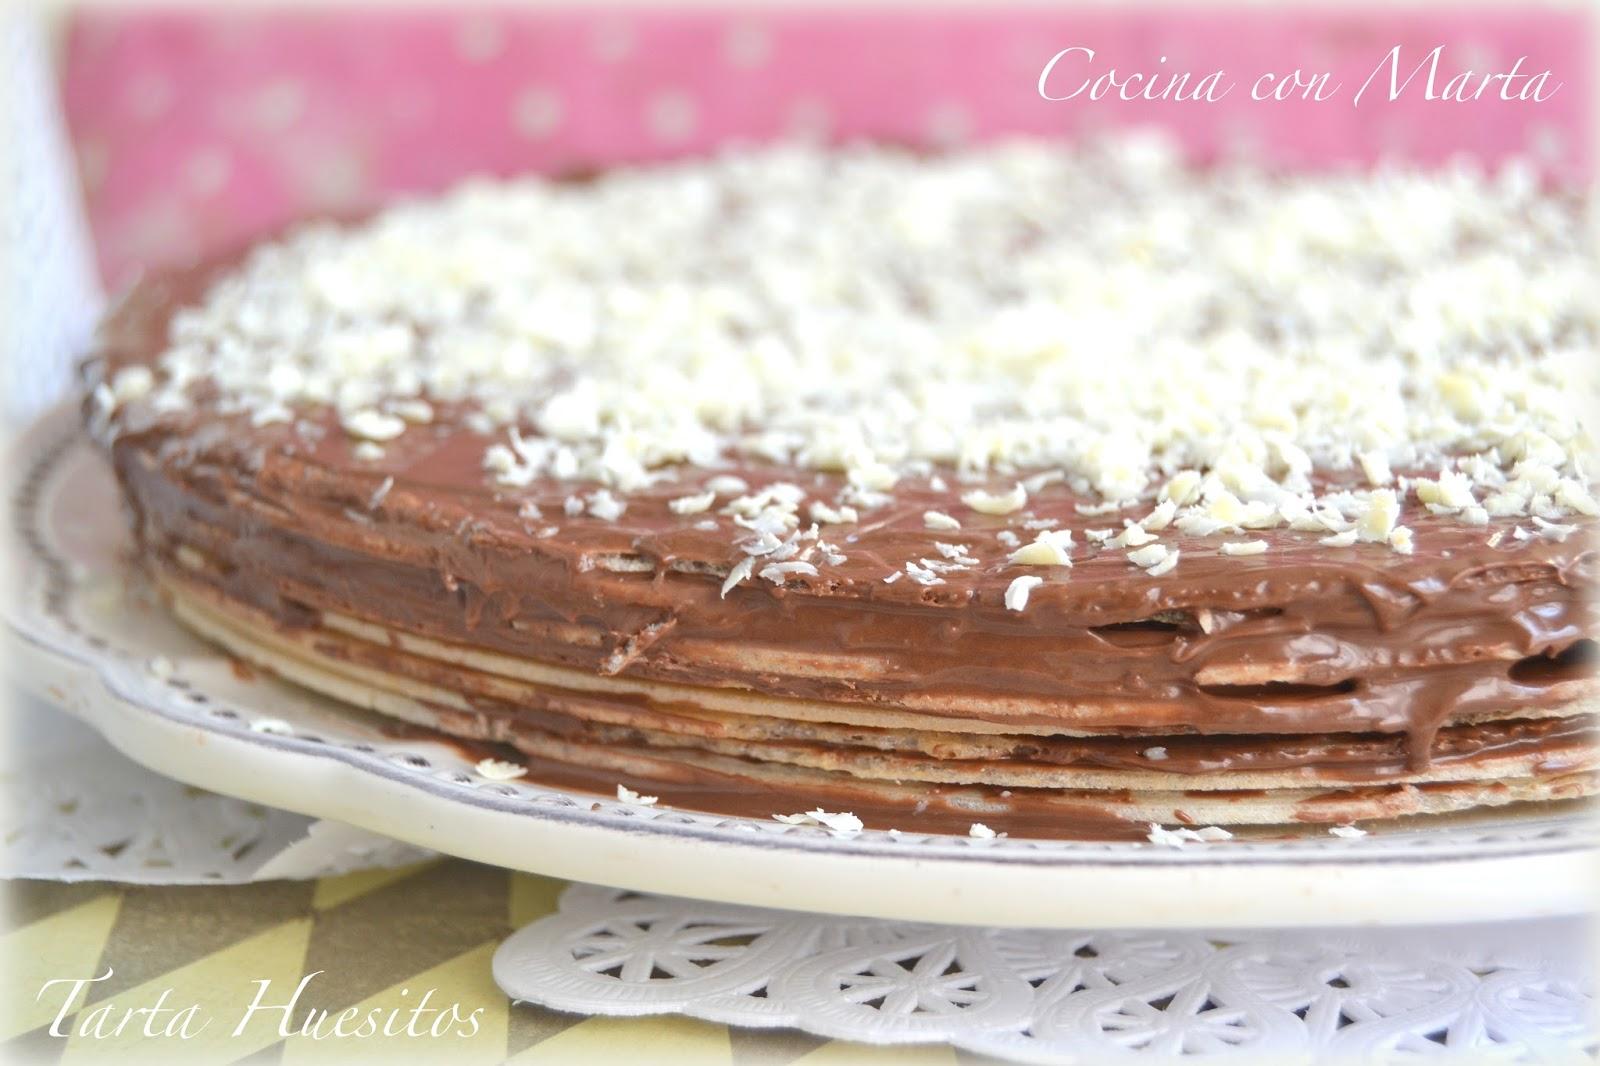 Tarta Huesitos con nocilla o nutella, crema de cacao y avellanas. Fácil, rápida y casera. Ideal para hacer con niños.